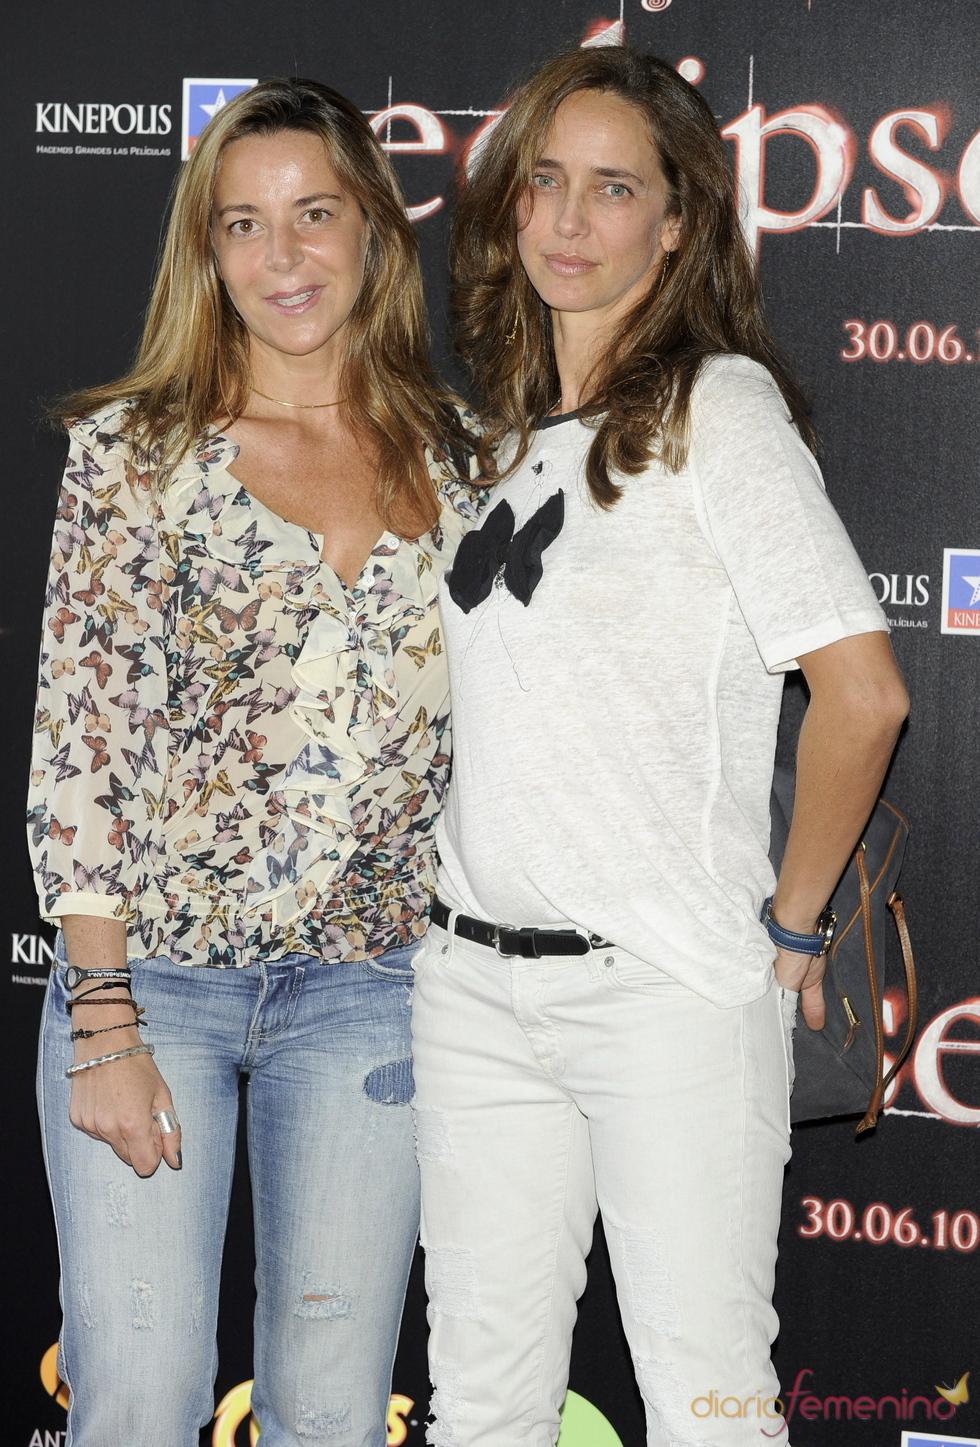 Blanca Martínez de Irujo y Blanca Suelves en el estreno de 'Eclipse'